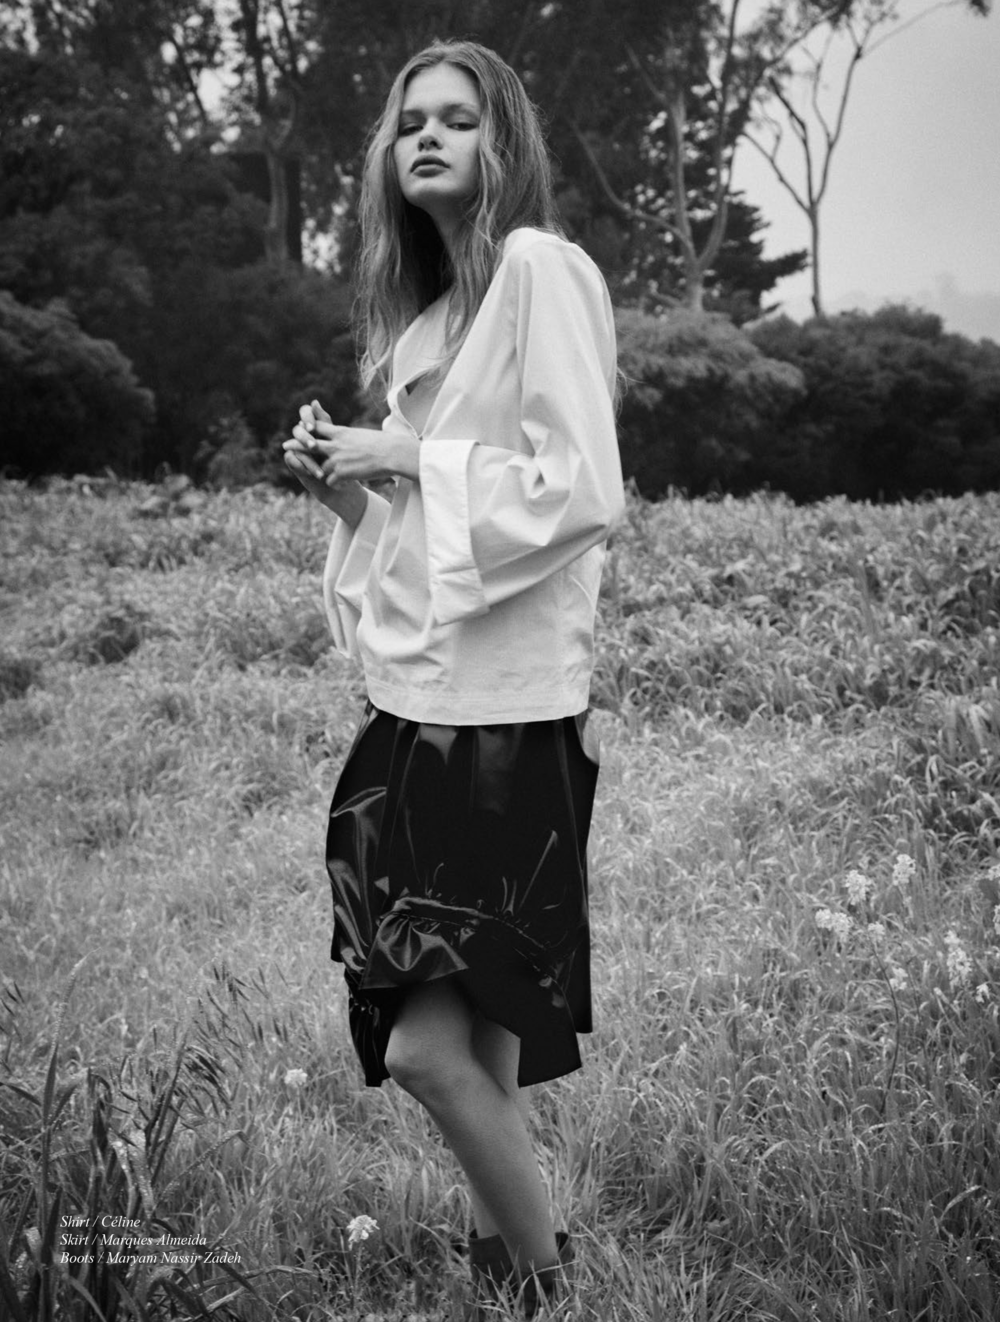 Schon_Magazine_yourloveisking-2.png